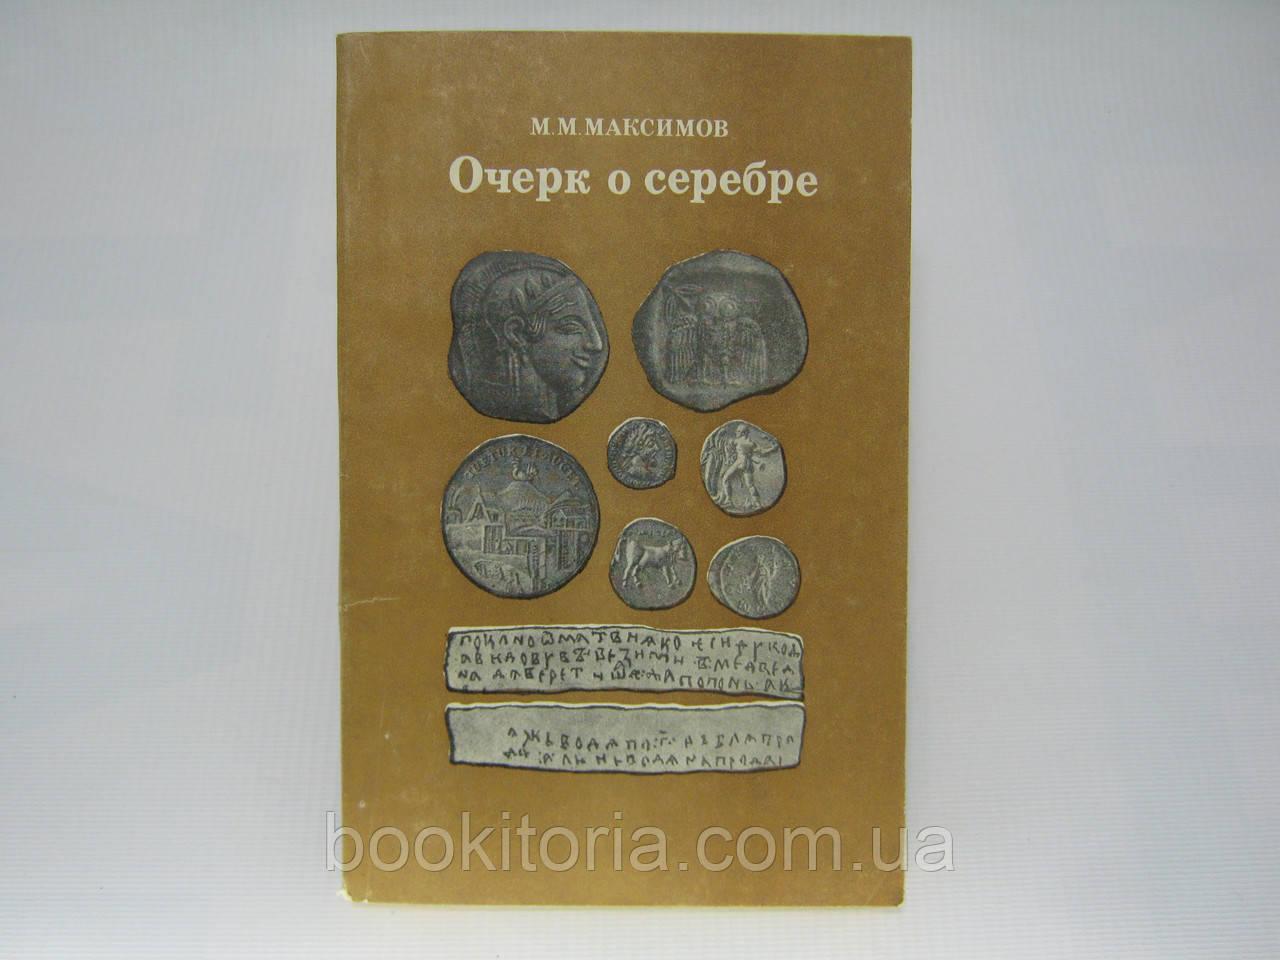 Максимов М.М. Очерк о серебре (б/у).